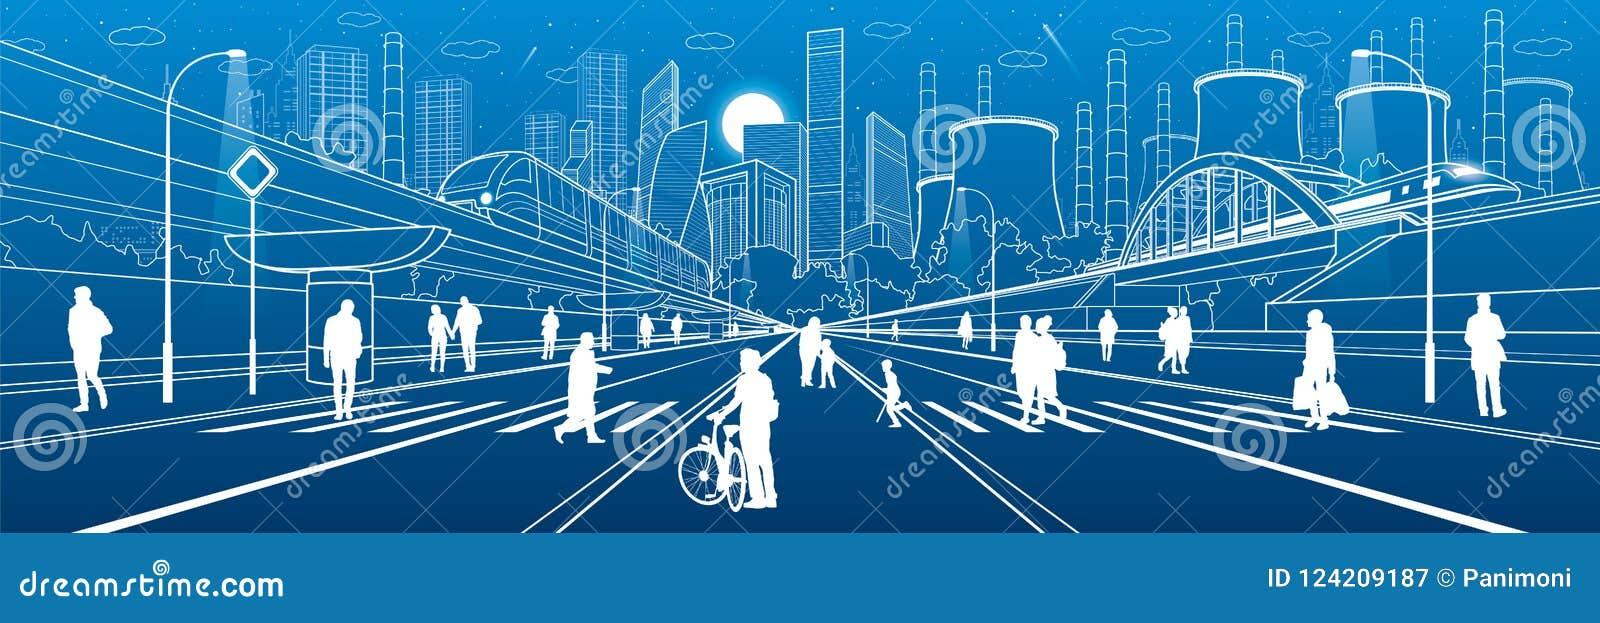 Stads- stadsinfrastrukturillustration Folk som går på gatan modern town Drevflyttning på bron Upplyst huvudväg fabrik